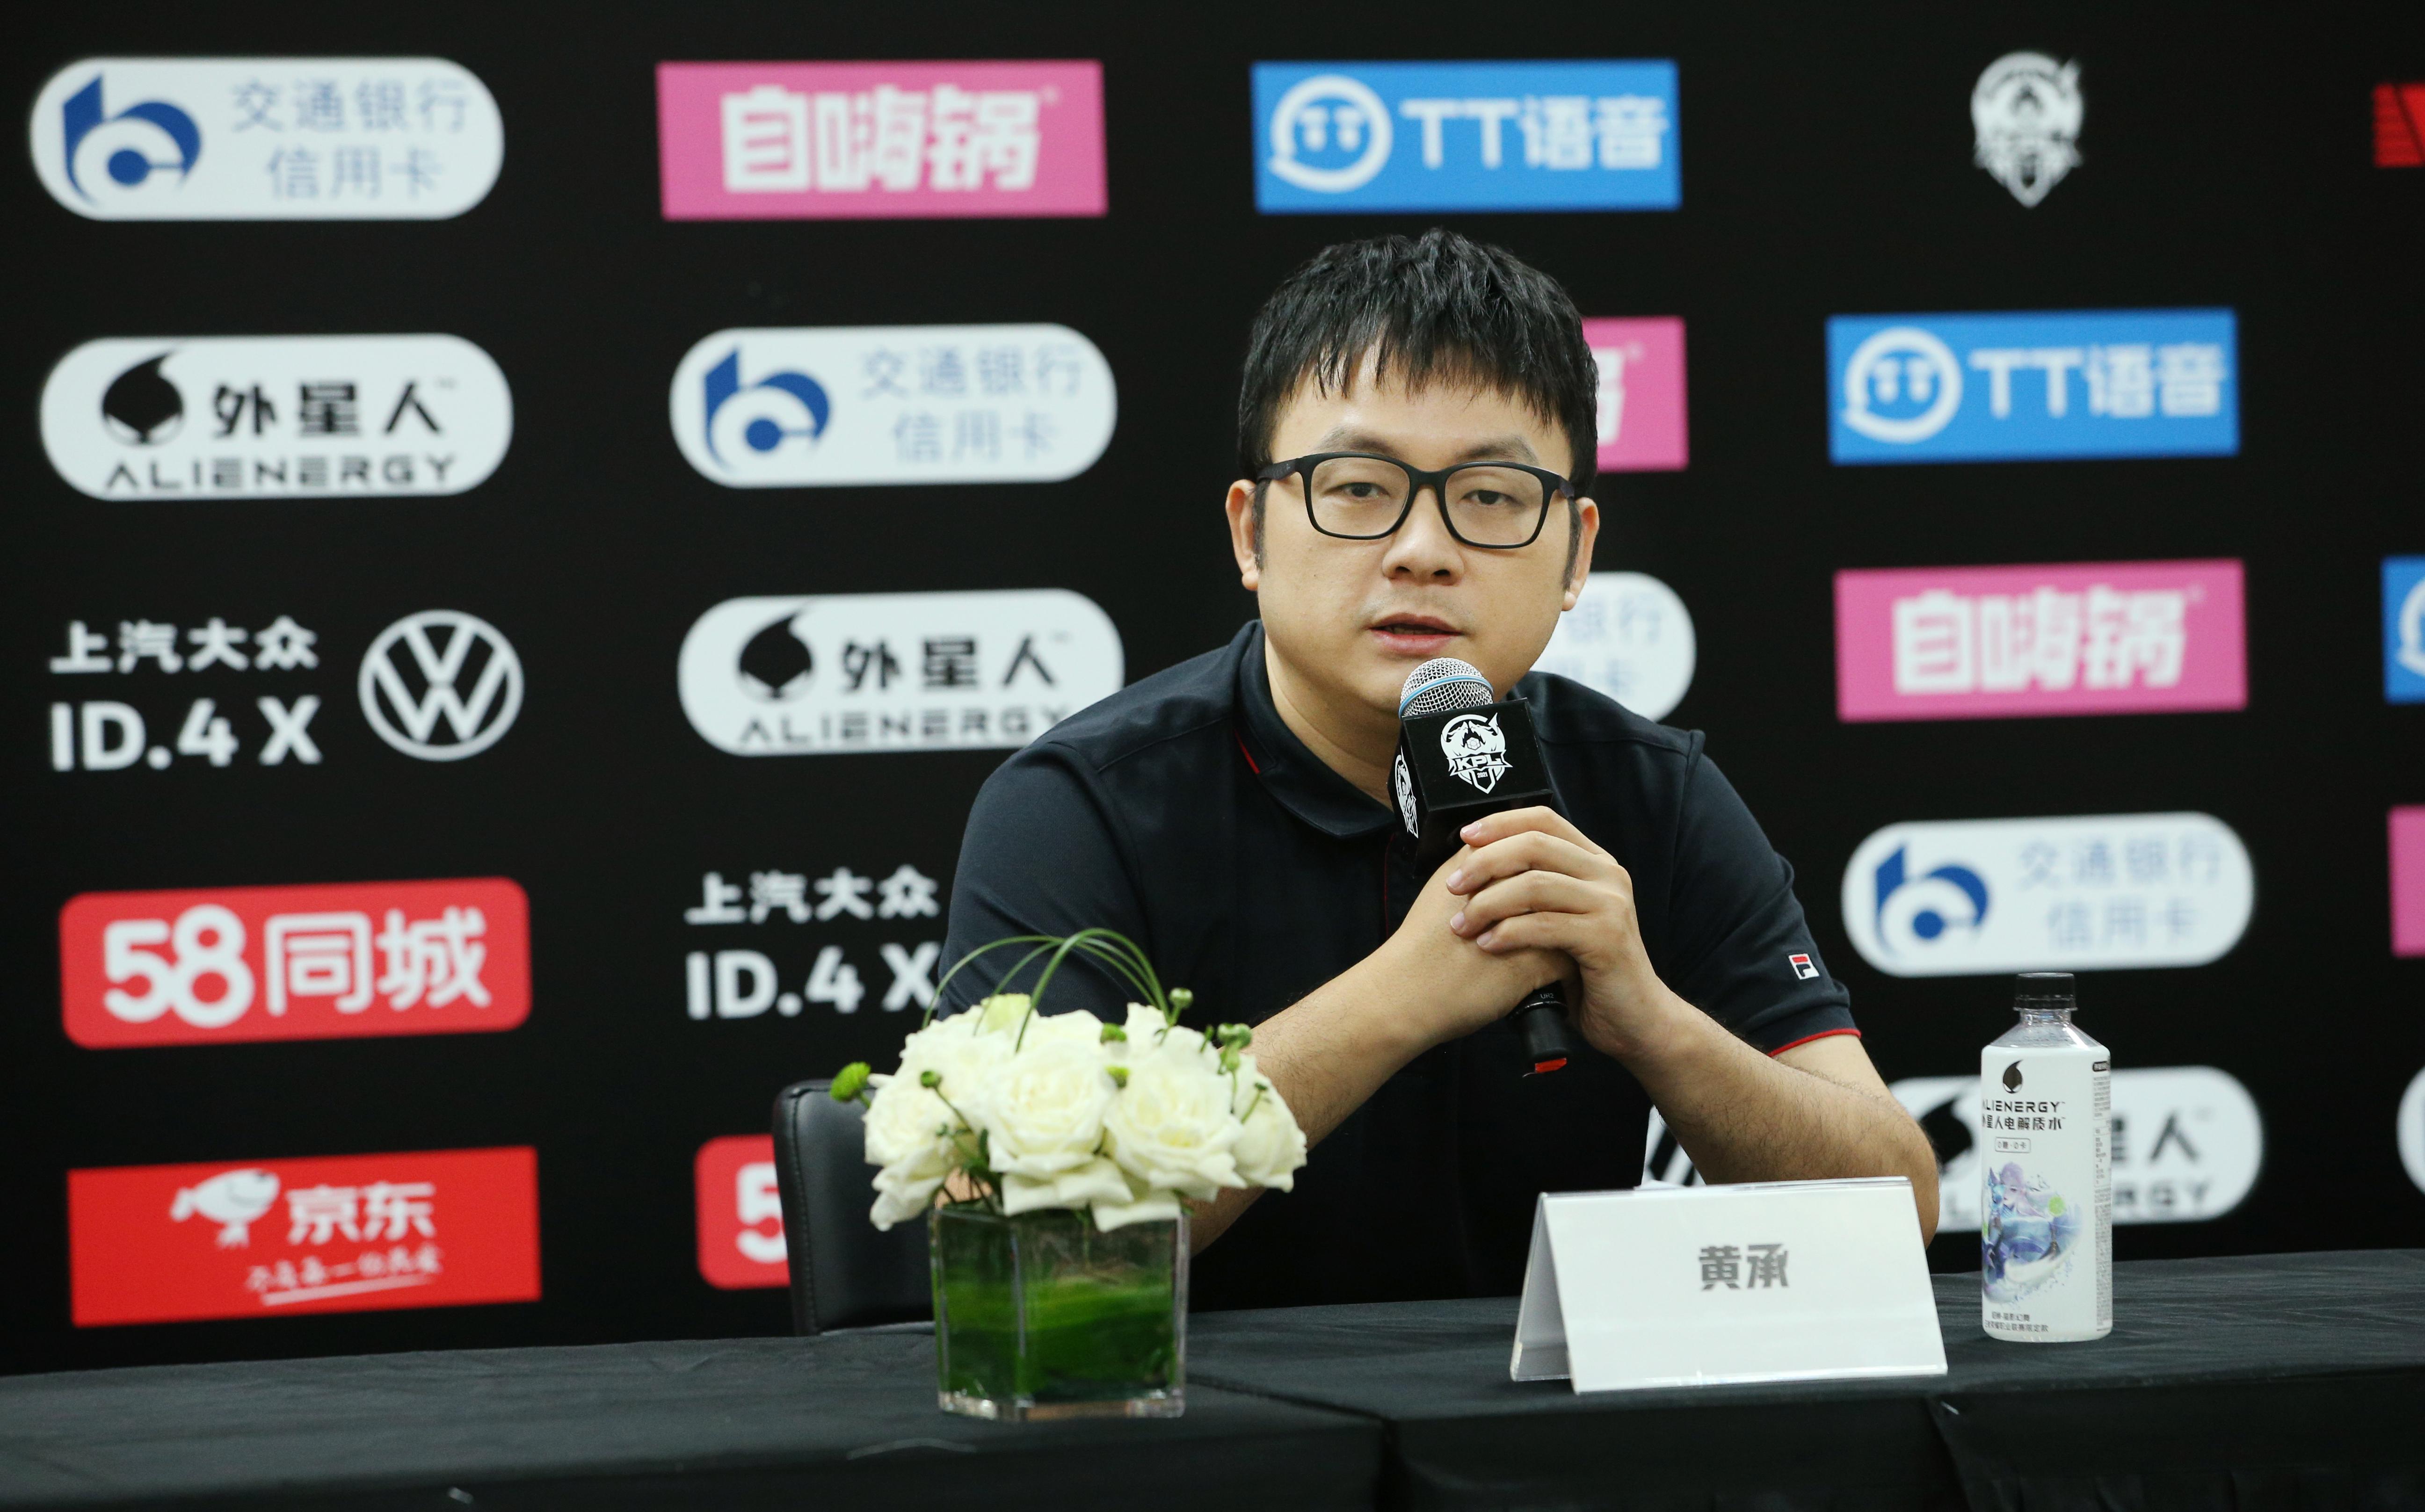 腾讯互娱天美电竞中心高级总监、KPL联盟赛事委员会执行主席黄承。